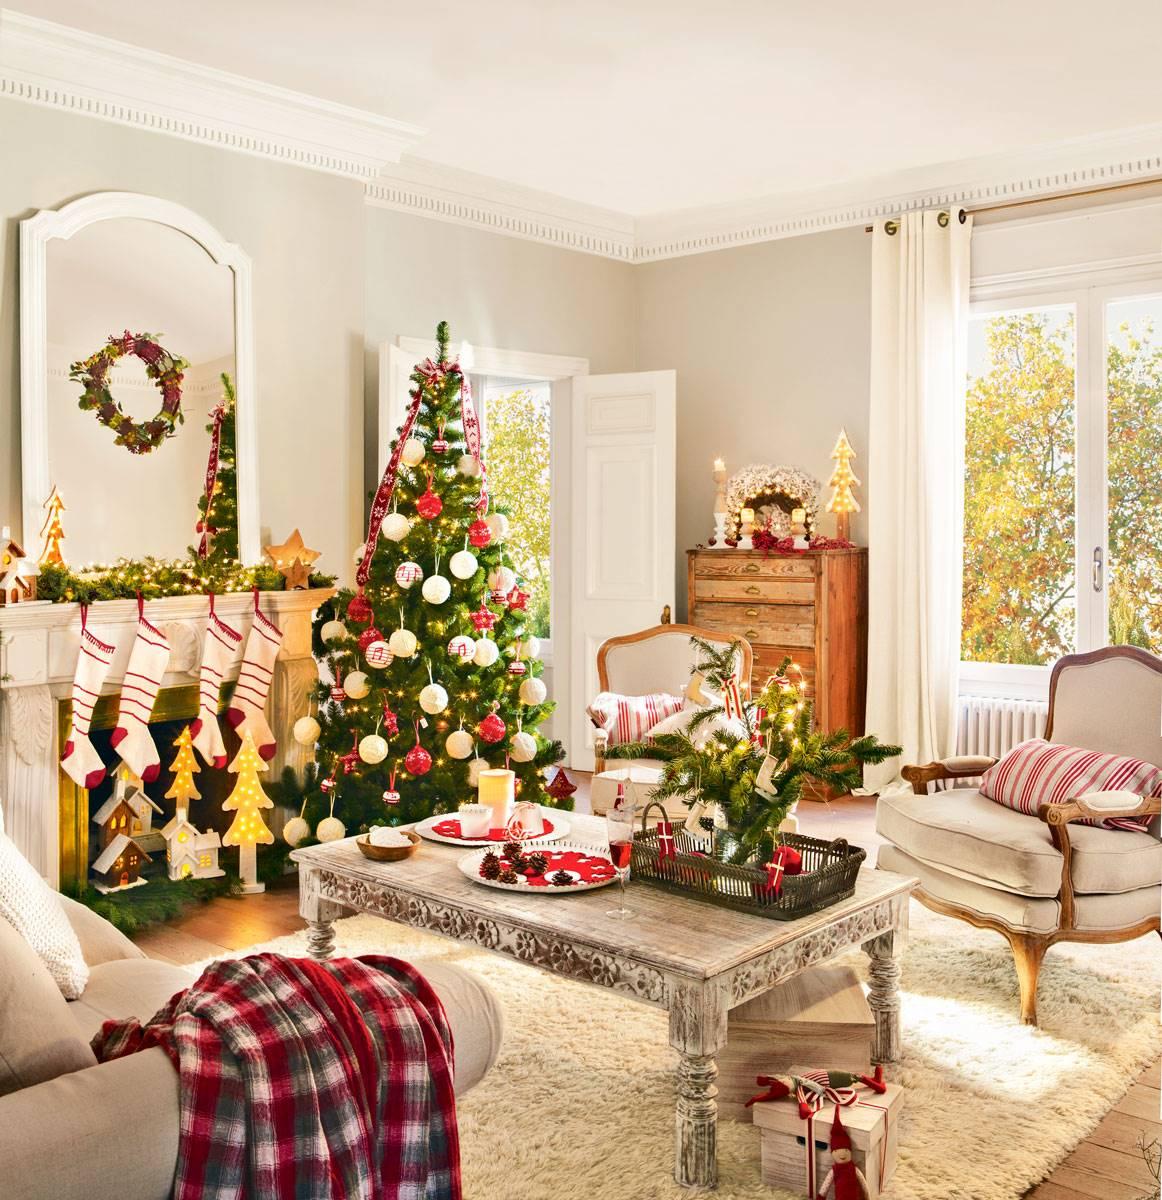 Decoraci n navide a para el sal n navidad el mueble - Arbol de navidad imagen ...